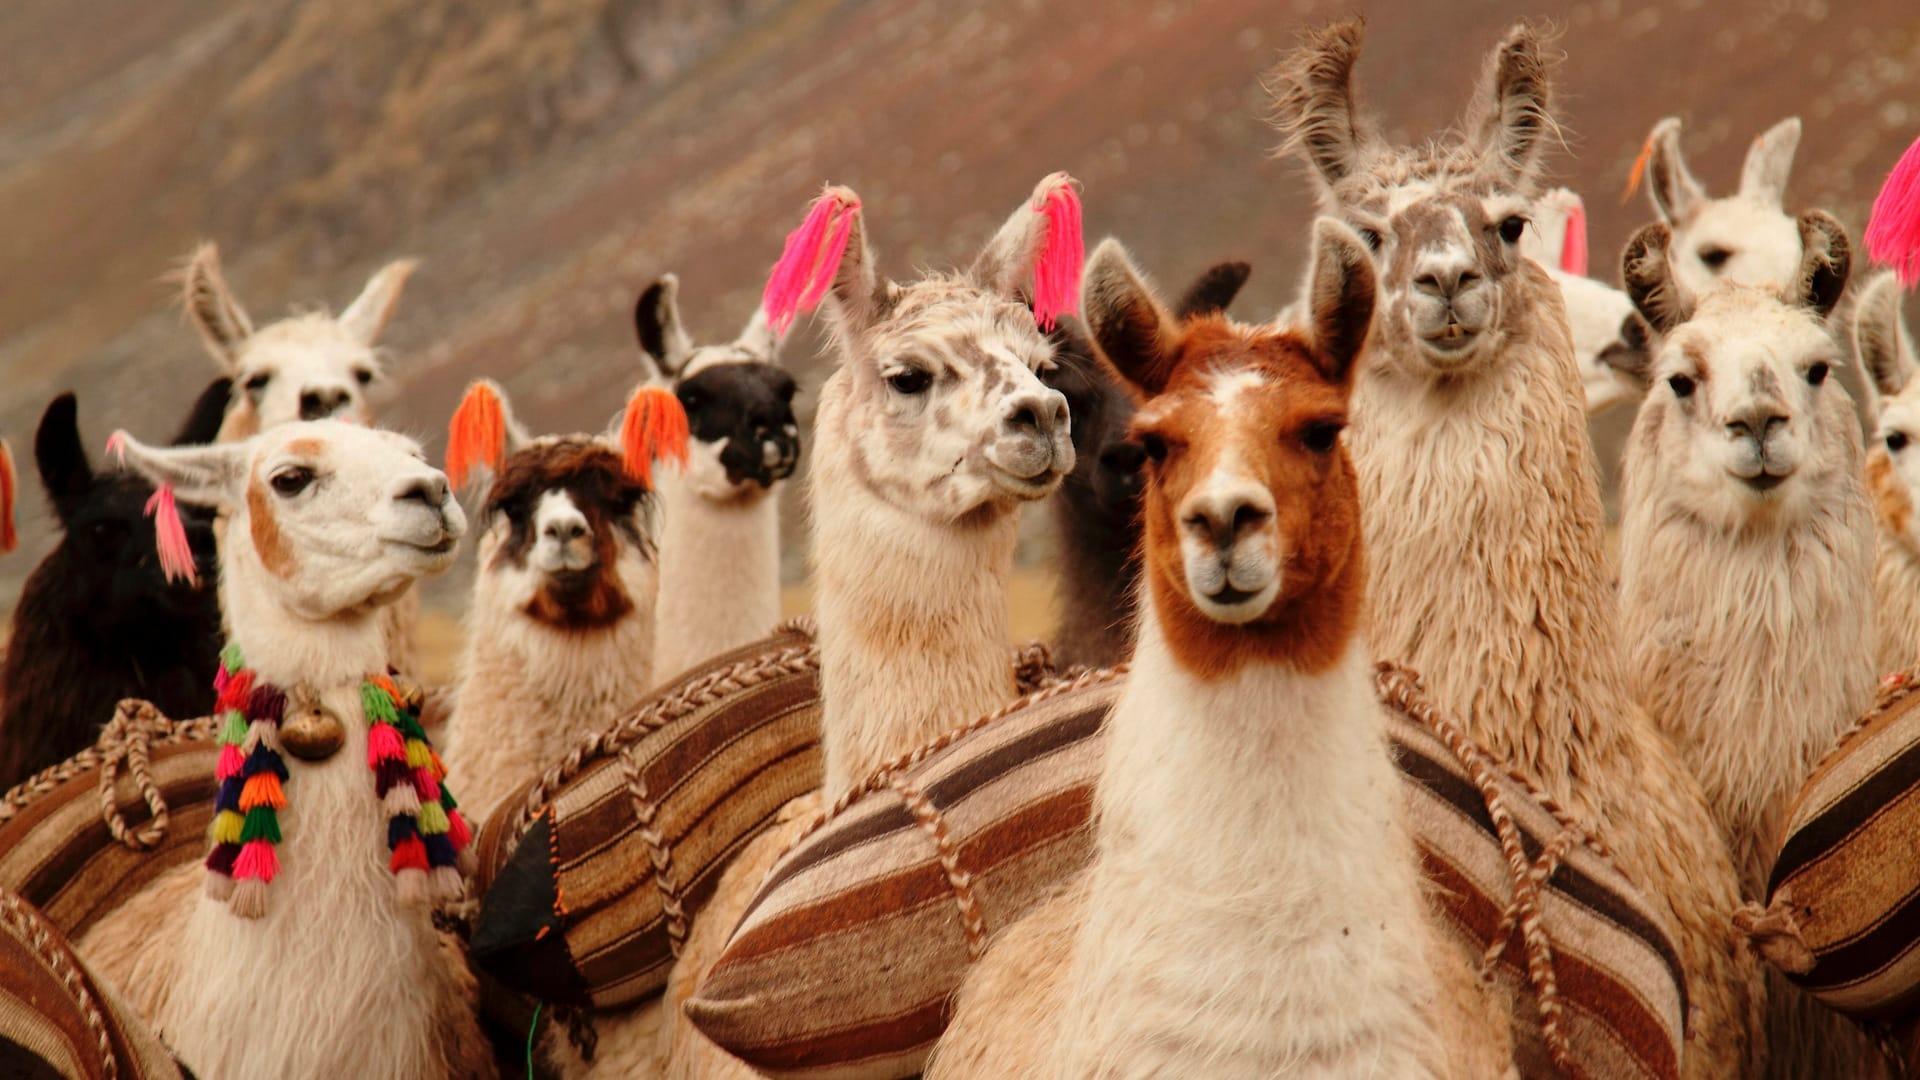 llama caravan trek in Peru